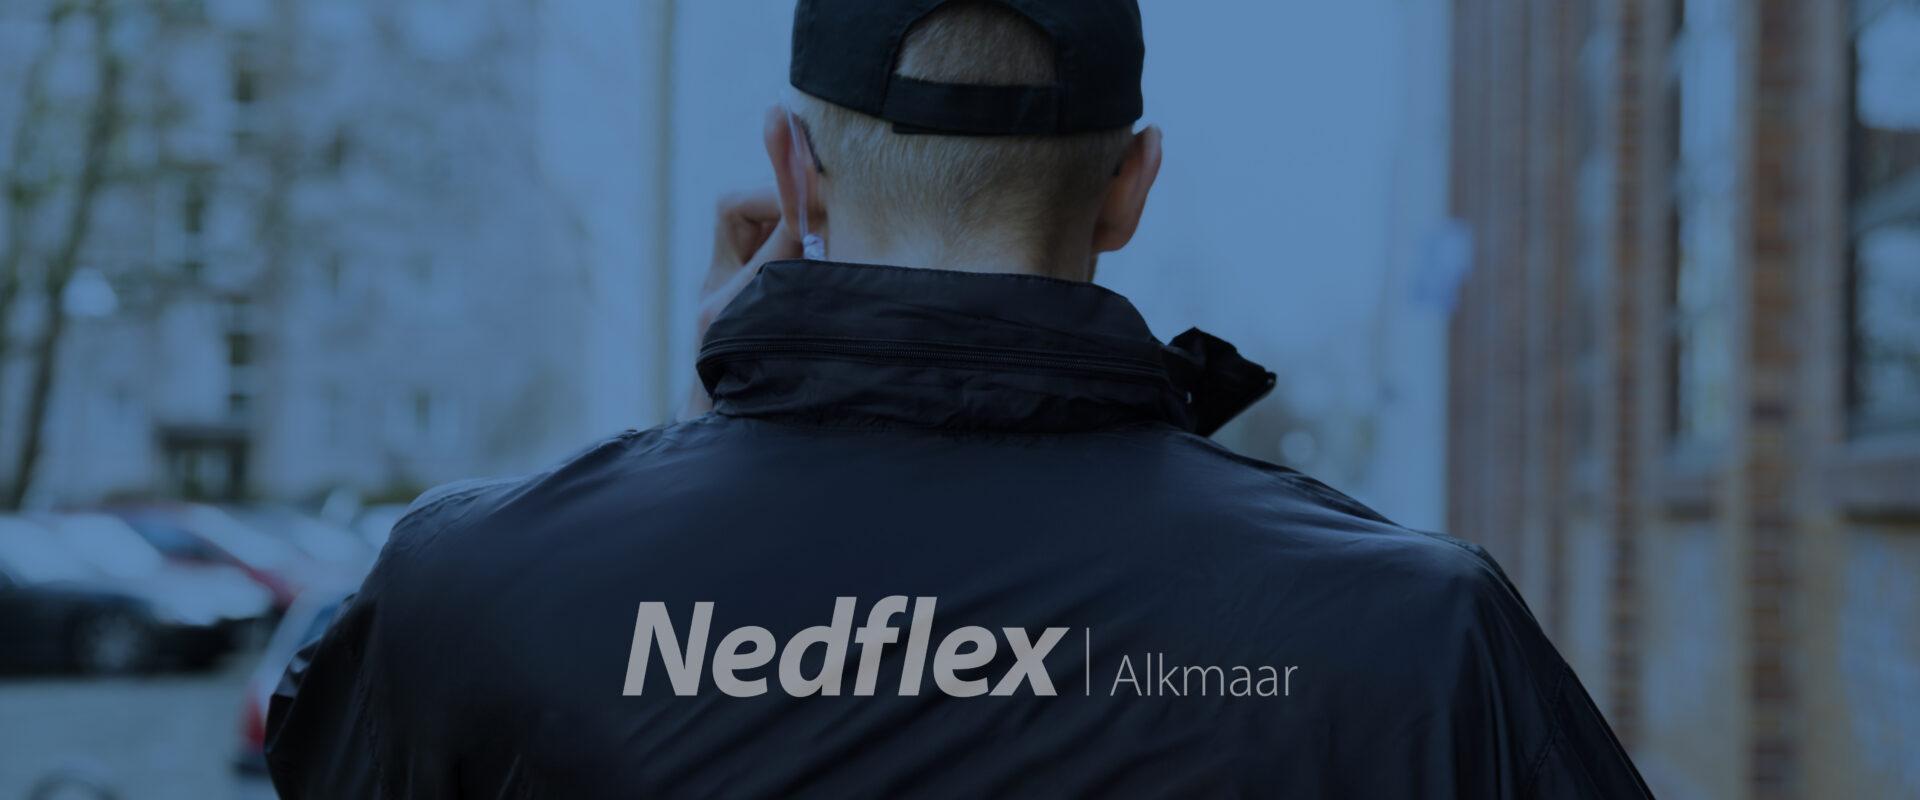 Nedflex Alkmaar